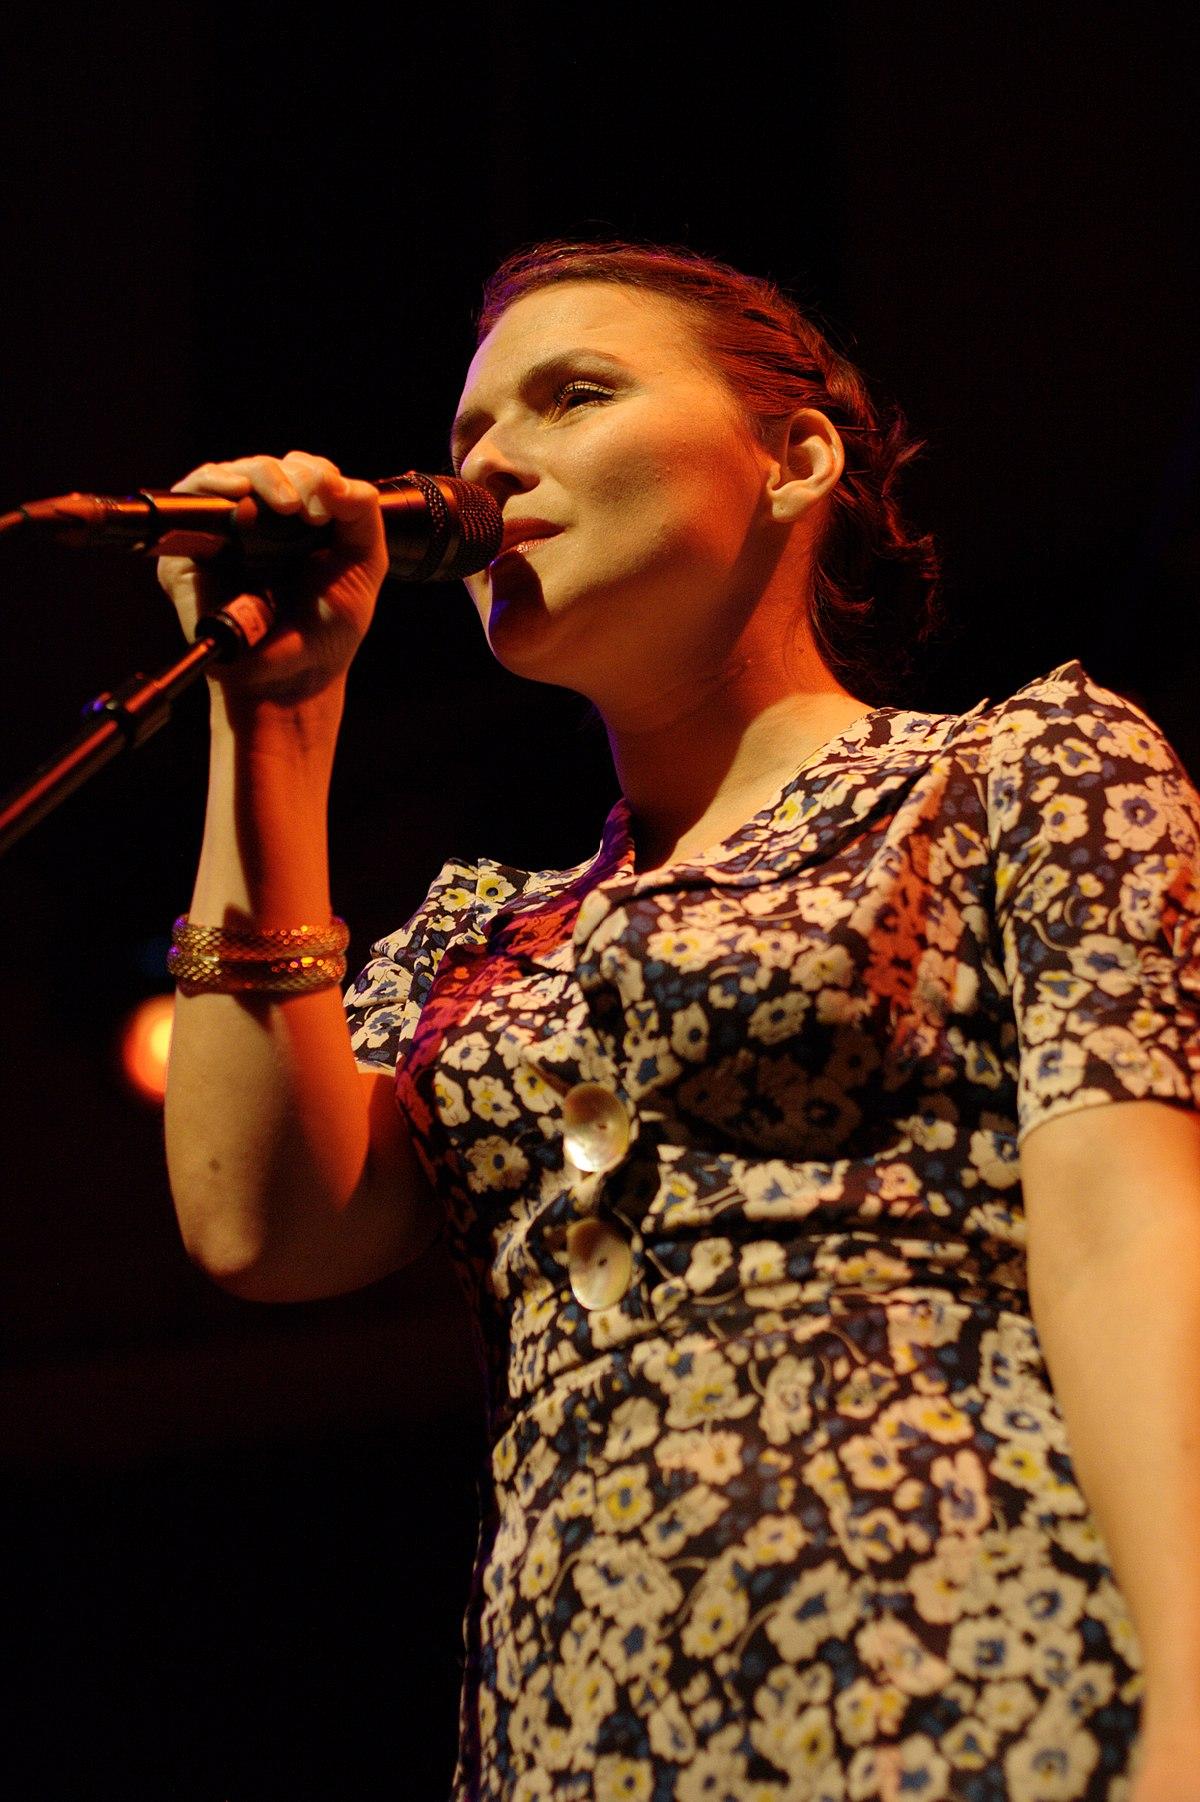 Emilíana Torrini - Wikipedia